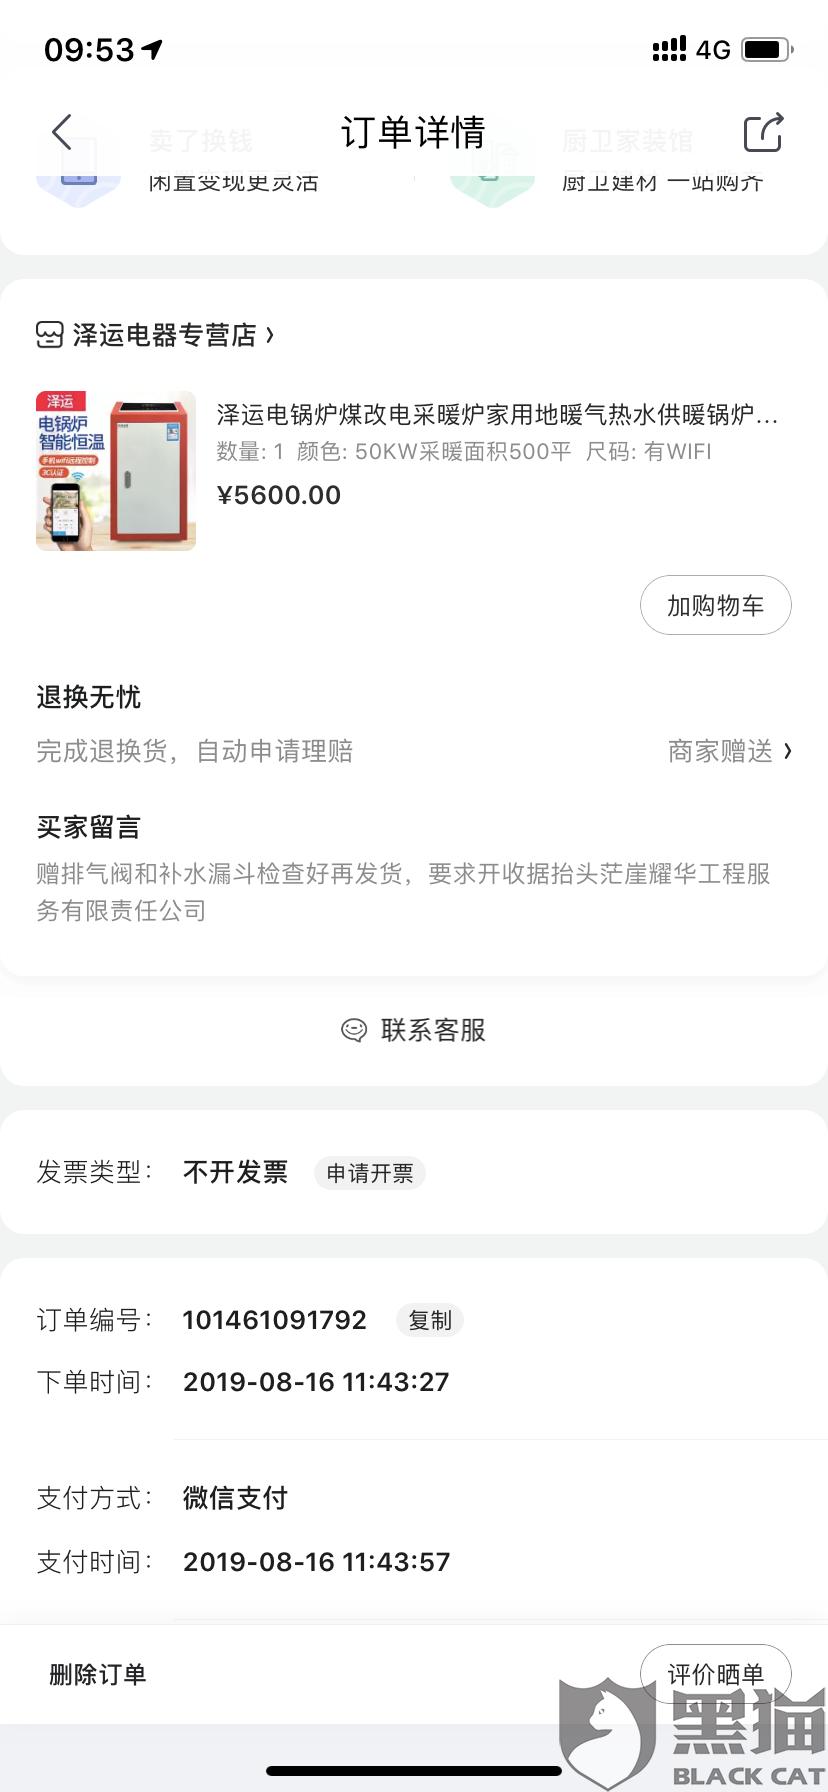 黑猫投诉:京东平台商家拖延退款